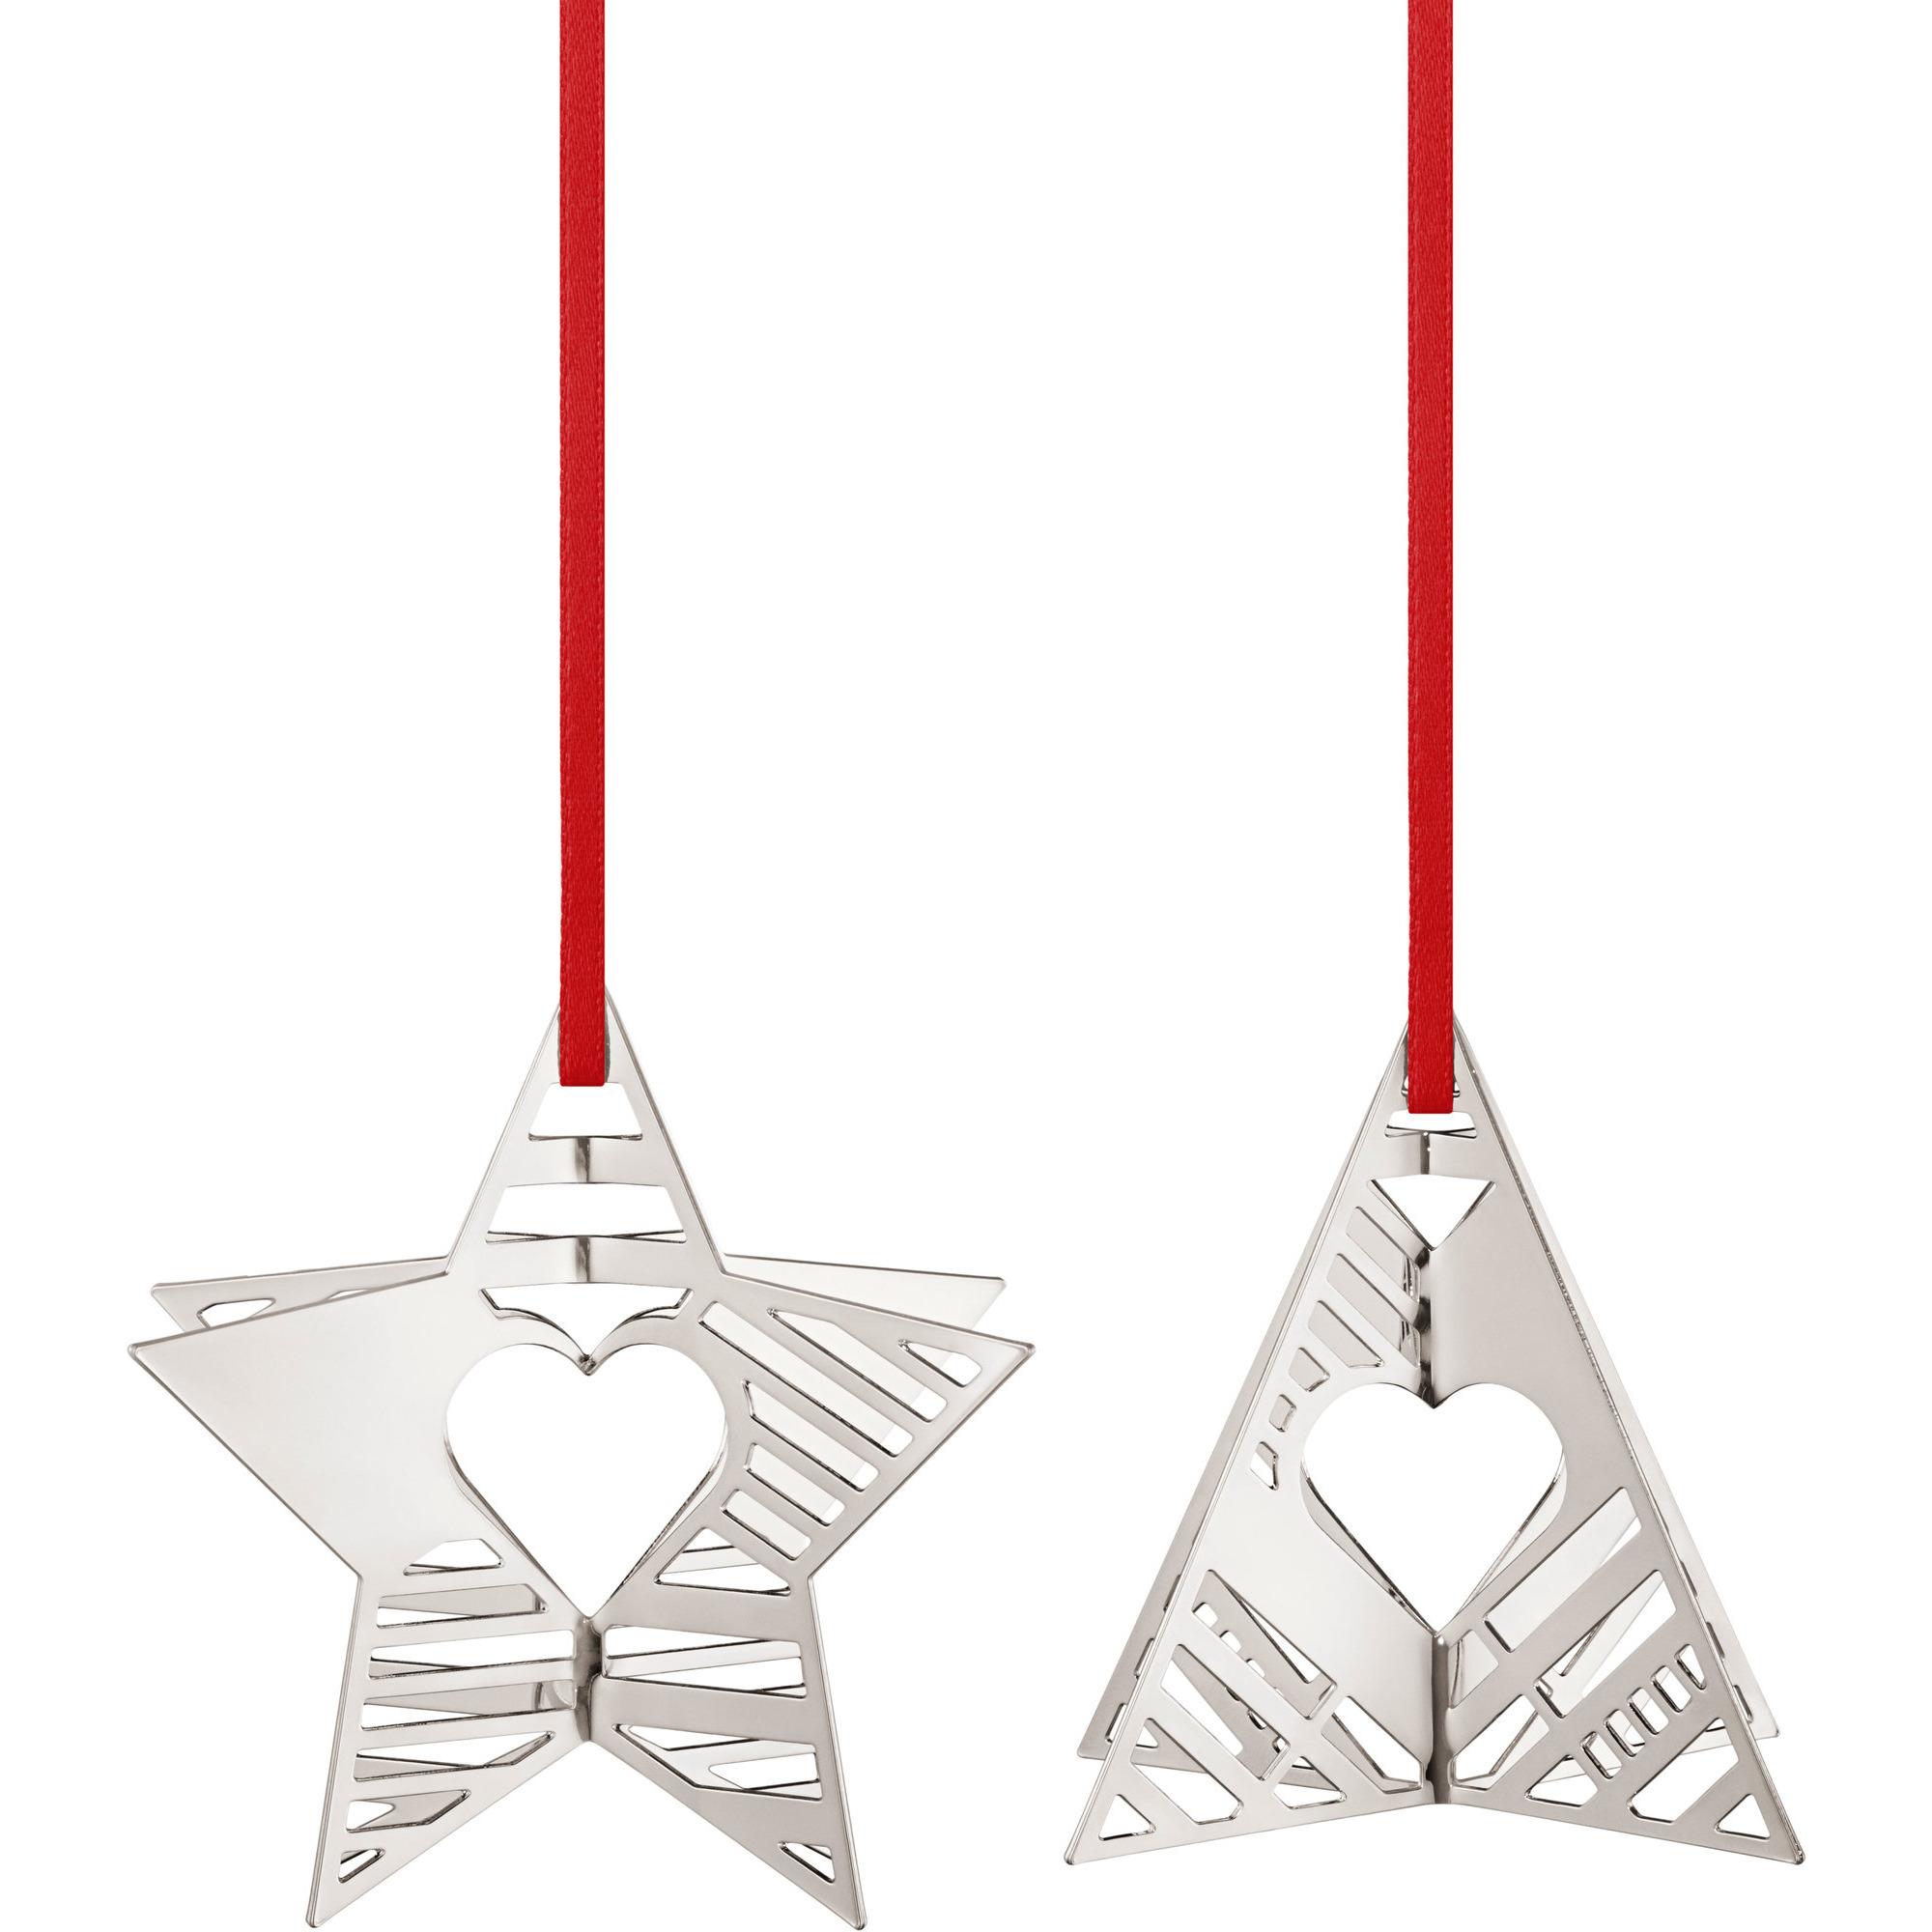 Georg Jensen 2019 Holiday Ornament Stjärna og Julgran